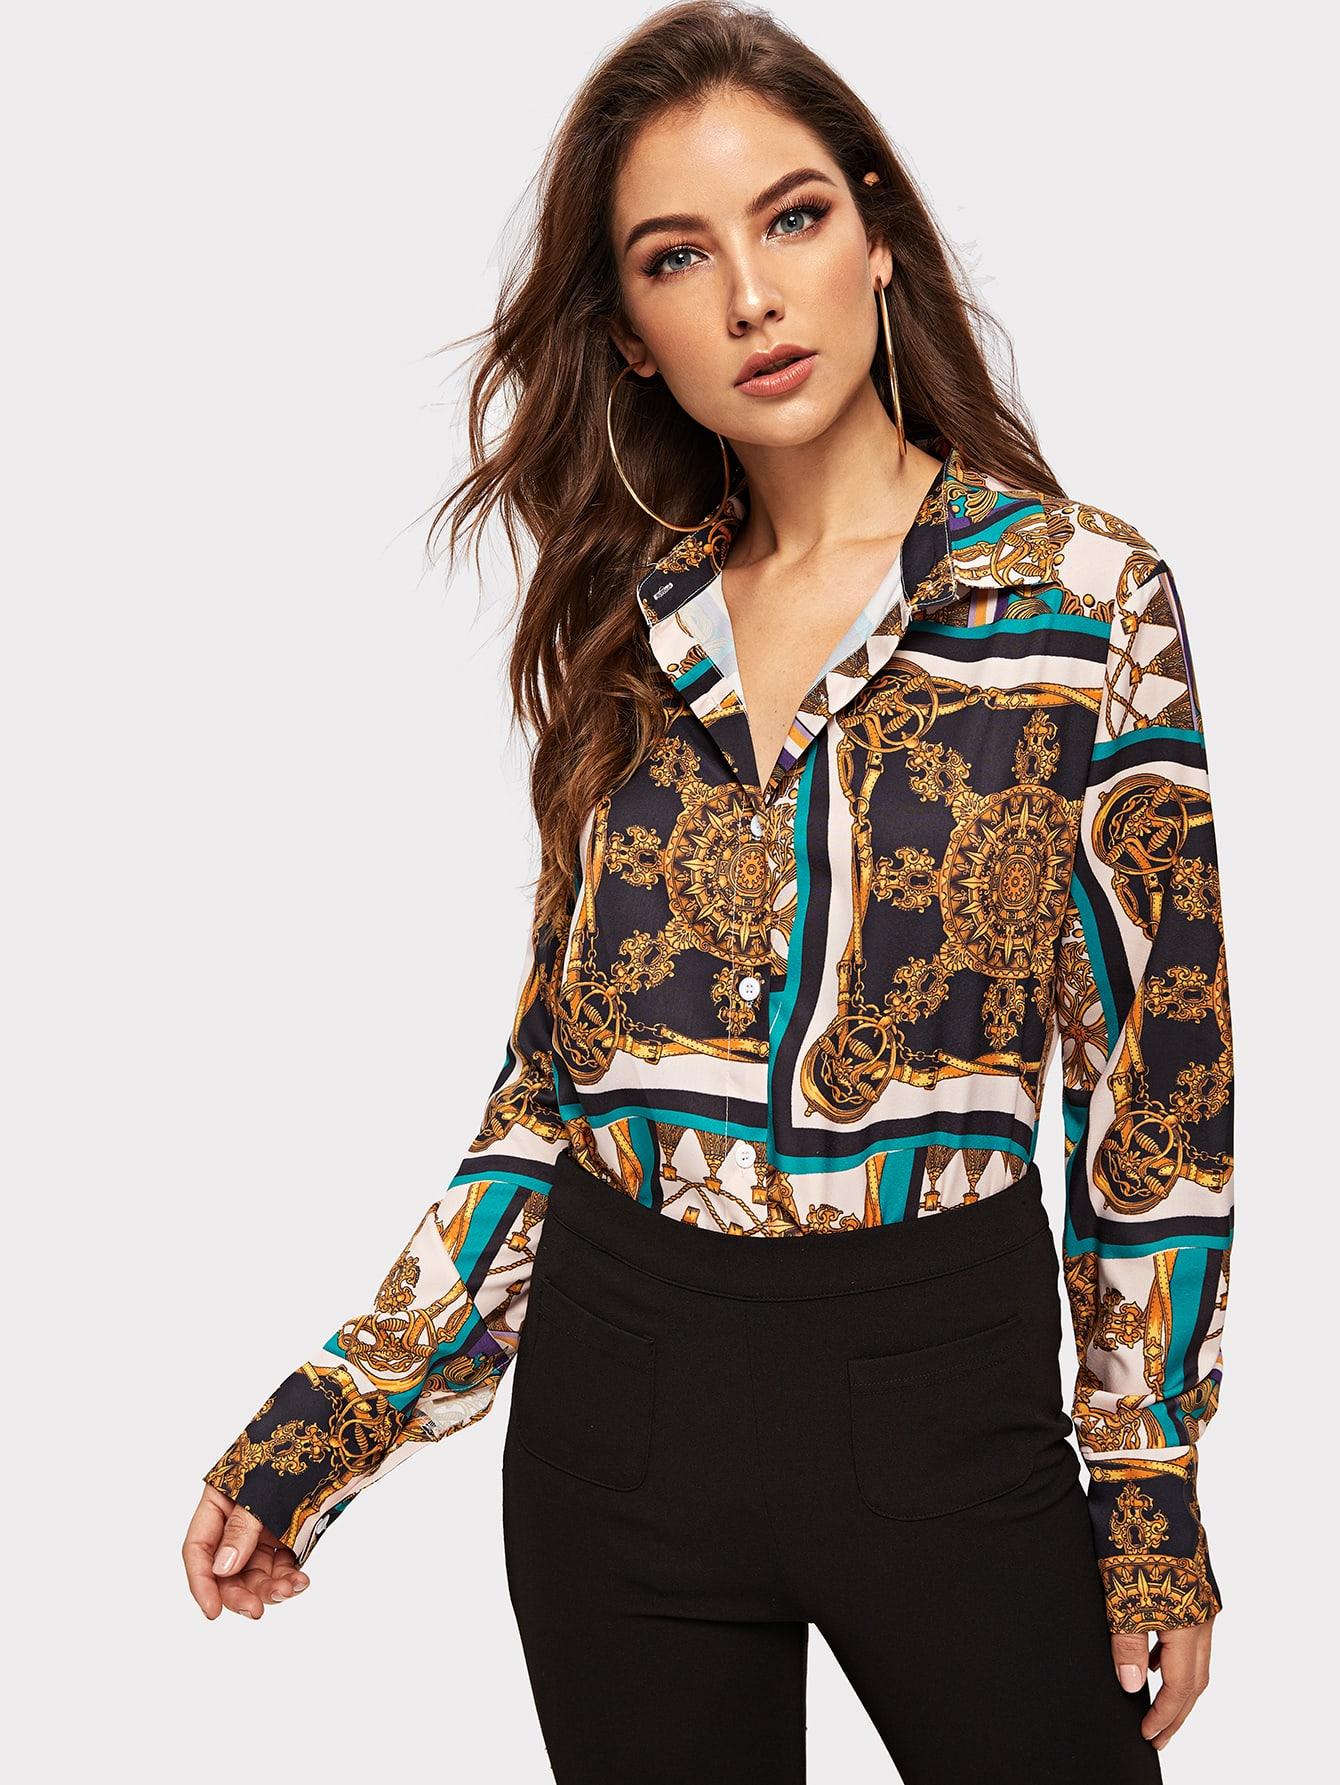 Купить Блузка с графическим принтом, Debi Cruz, SheIn